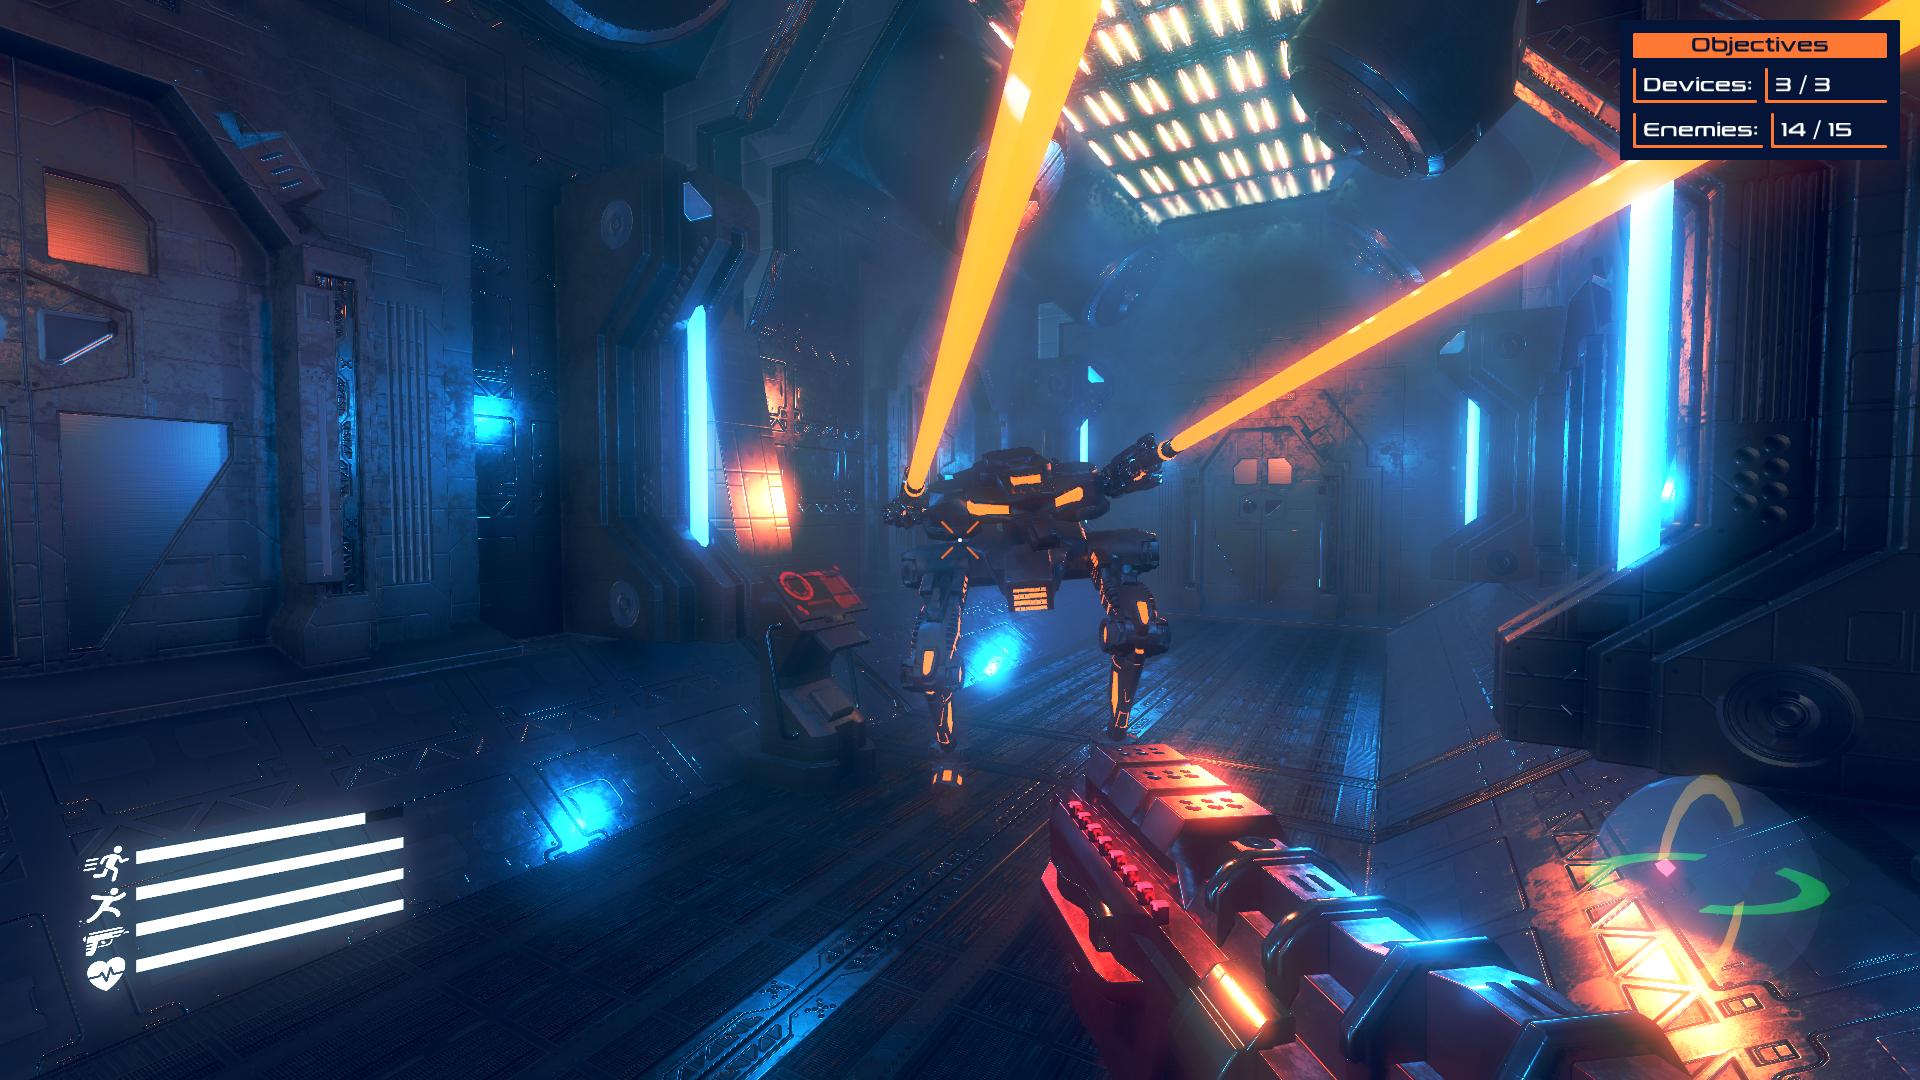 【Blender制作】用Blender制作一个FPS Game设计游戏机器人